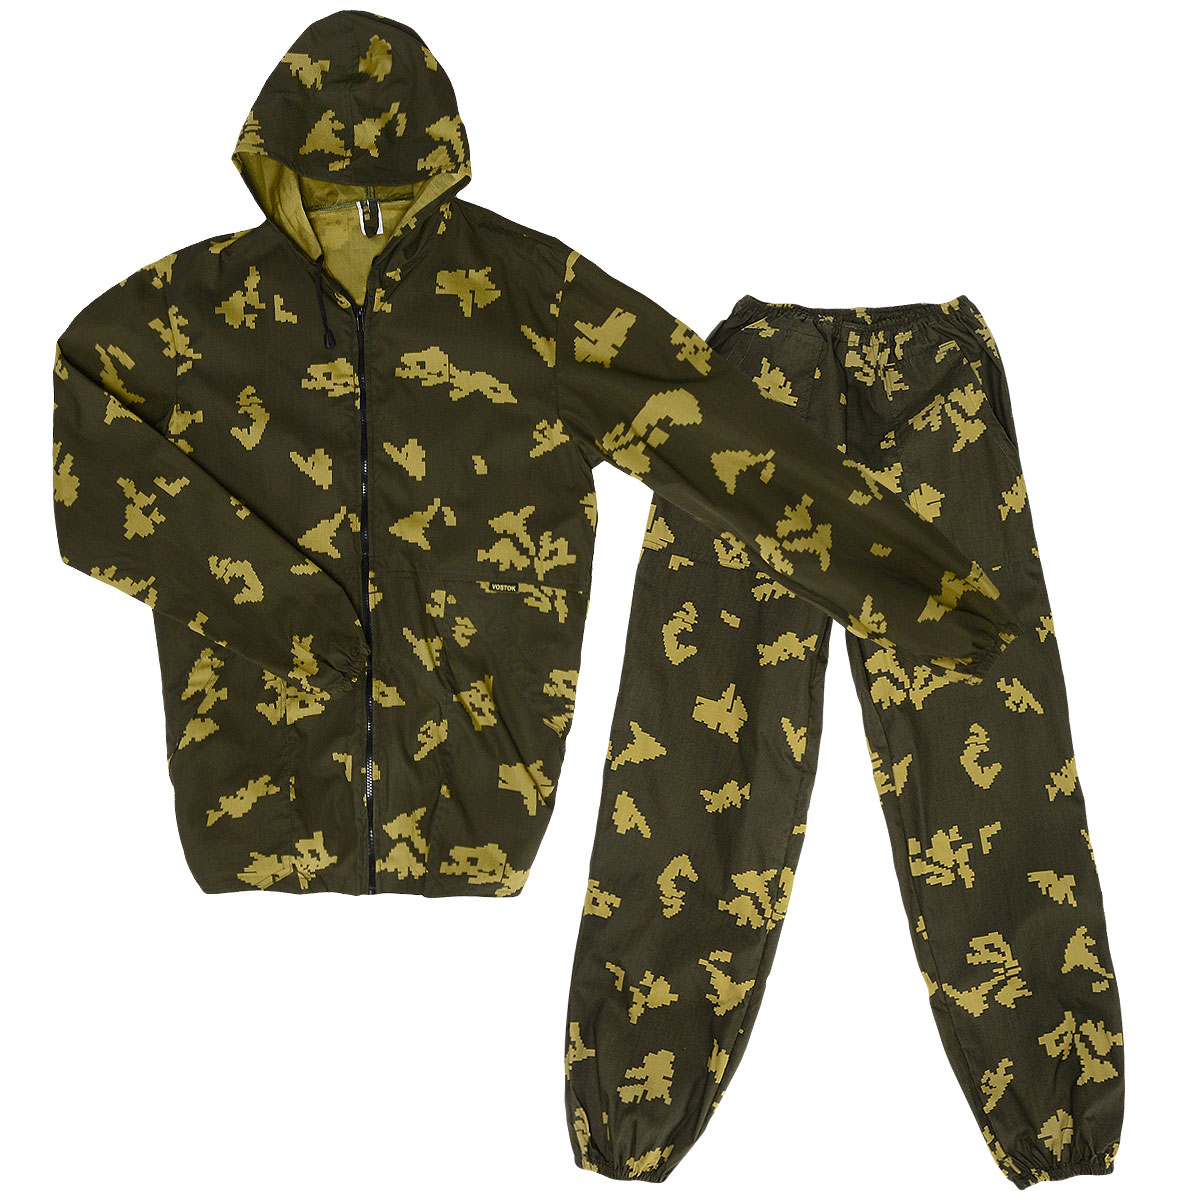 Костюм маскировочный мужской Снайпер, цвет: хаки. VSN-P. Размер 60-62VSN-PКостюм маскировочный мужской Norfin Снайпер, состоящий из куртки и брюк, - отличный костюм для любого отдыха в жаркую погоду, в том числе активного (от +12 до +25°С). Прочный материал благодаря хлопку дышит, а полиэстер дает прочность. Куртка свободного кроя с капюшоном застегивается по всей длине на пластиковую застежку-молнию. Капюшон не отстегивается и дополнен скрытым шнурком. Низ рукавов и низ изделия дополнены внутренней эластичной резинкой. Спереди модель дополнена двумя накладными карманами под планкой. На левом рукаве также предусмотрен накладной карман с клапаном на липучке. Брюки свободного кроя на талии дополнены эластичным поясом со скрытым шнурком. Низ брючин дополнен внутренней резинкой. Спереди предусмотрены два вместительных накладных кармана. Костюм выполнен в маскировочной расцветке «Пограничник».УВАЖАЕМЫЕ КЛИЕНТЫ!Обращаем ваше внимание, что костюм поставляется в двух оттенках цвета хаки. Оба варианта оттенка представлены на фото. Поставка осуществляется в зависимости от наличия на складе.